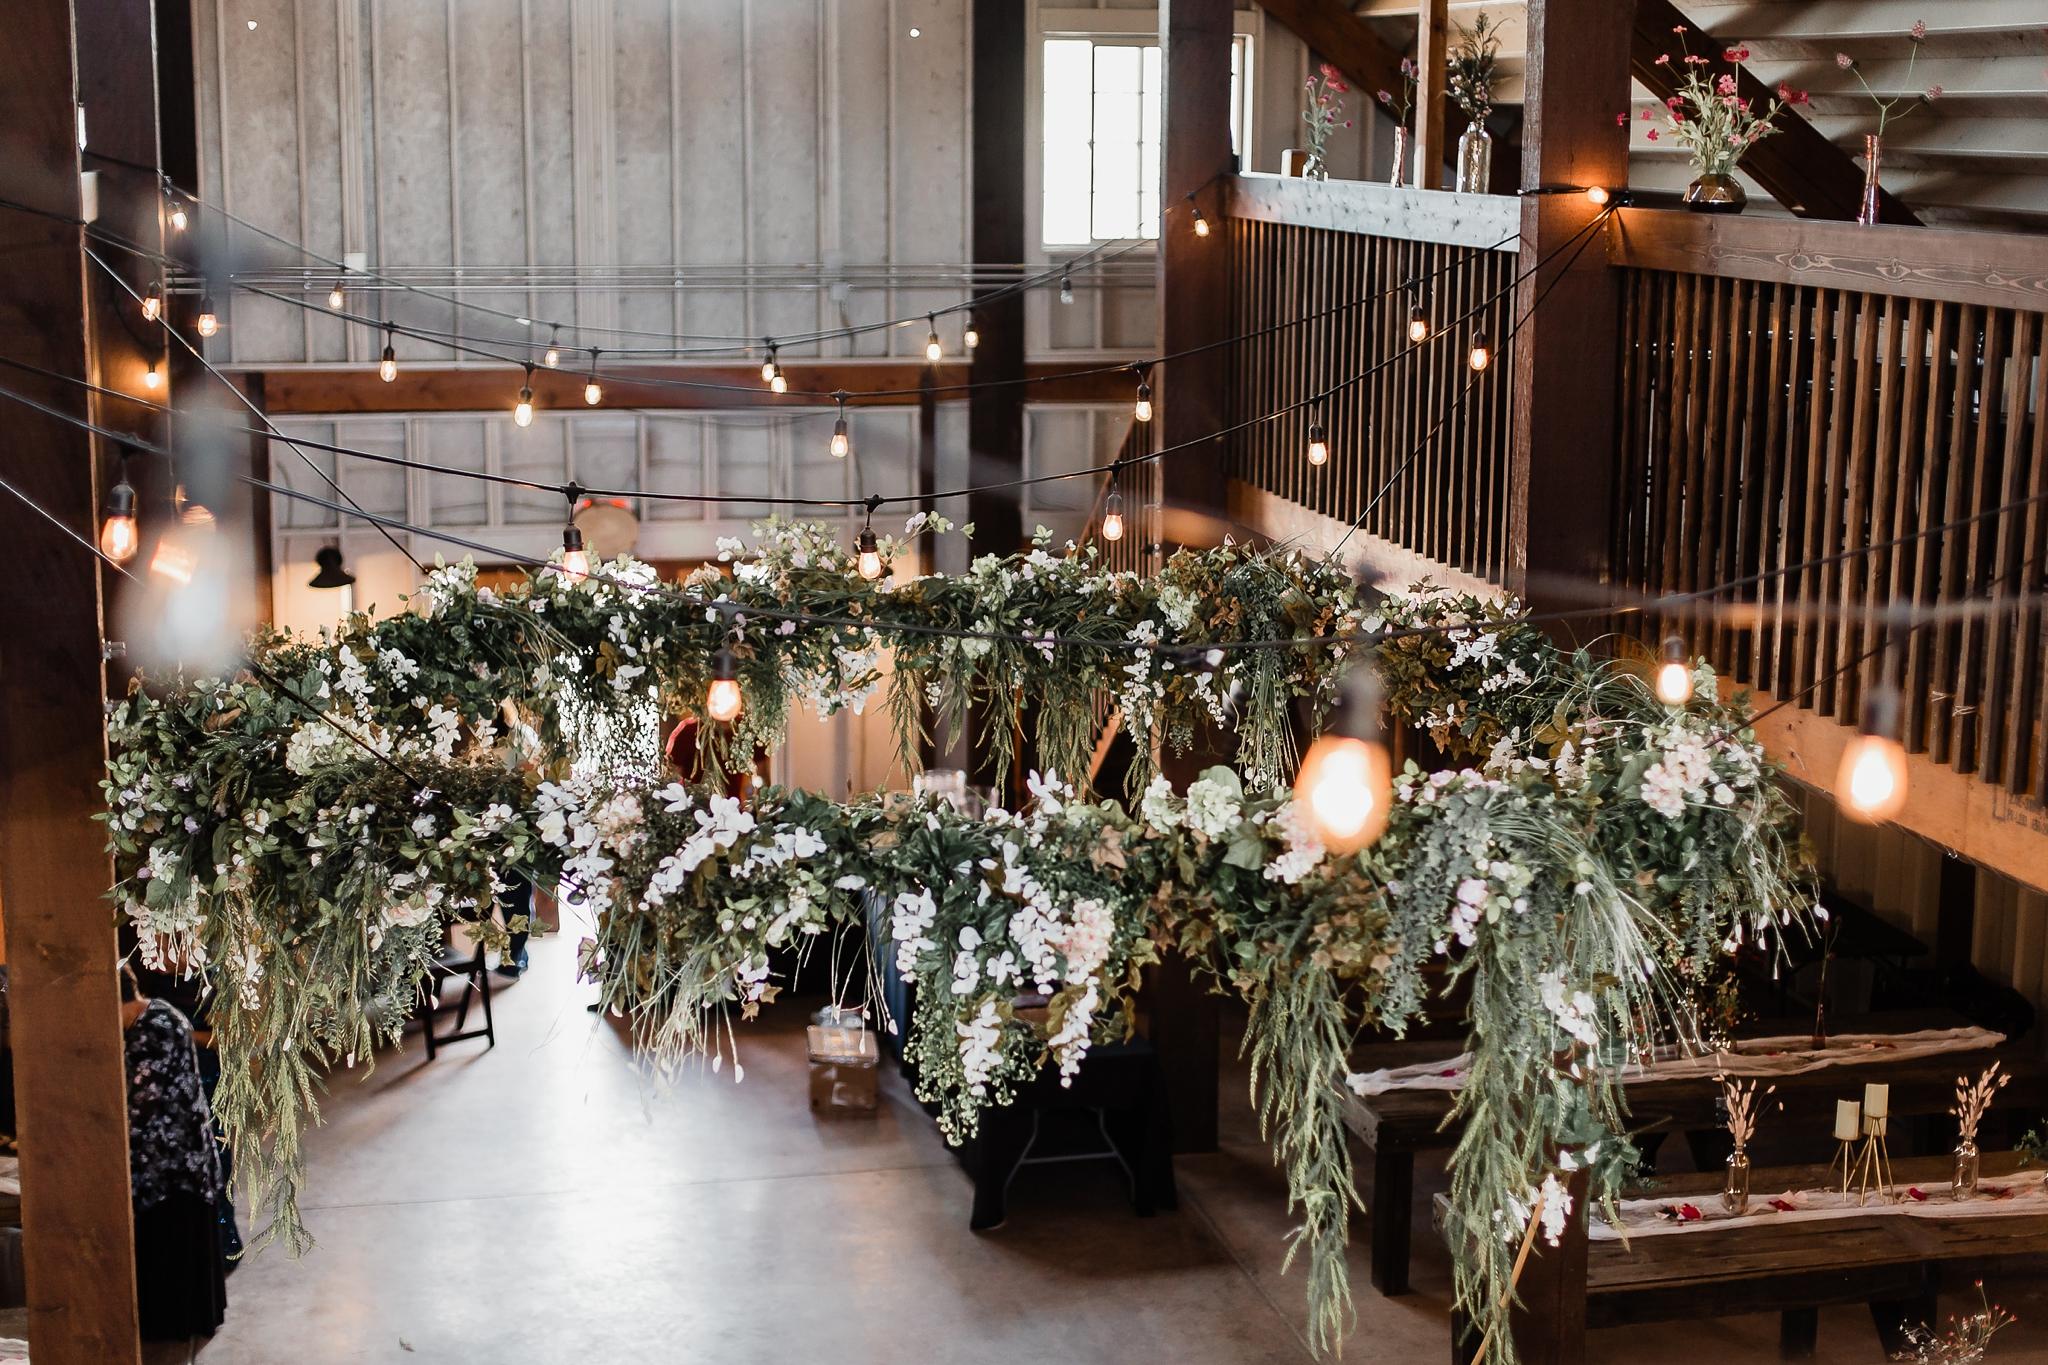 Alicia+lucia+photography+-+albuquerque+wedding+photographer+-+santa+fe+wedding+photography+-+new+mexico+wedding+photographer+-+new+mexico+wedding+-+new+mexico+wedding+-+barn+wedding+-+enchanted+vine+barn+wedding+-+ruidoso+wedding_0052.jpg